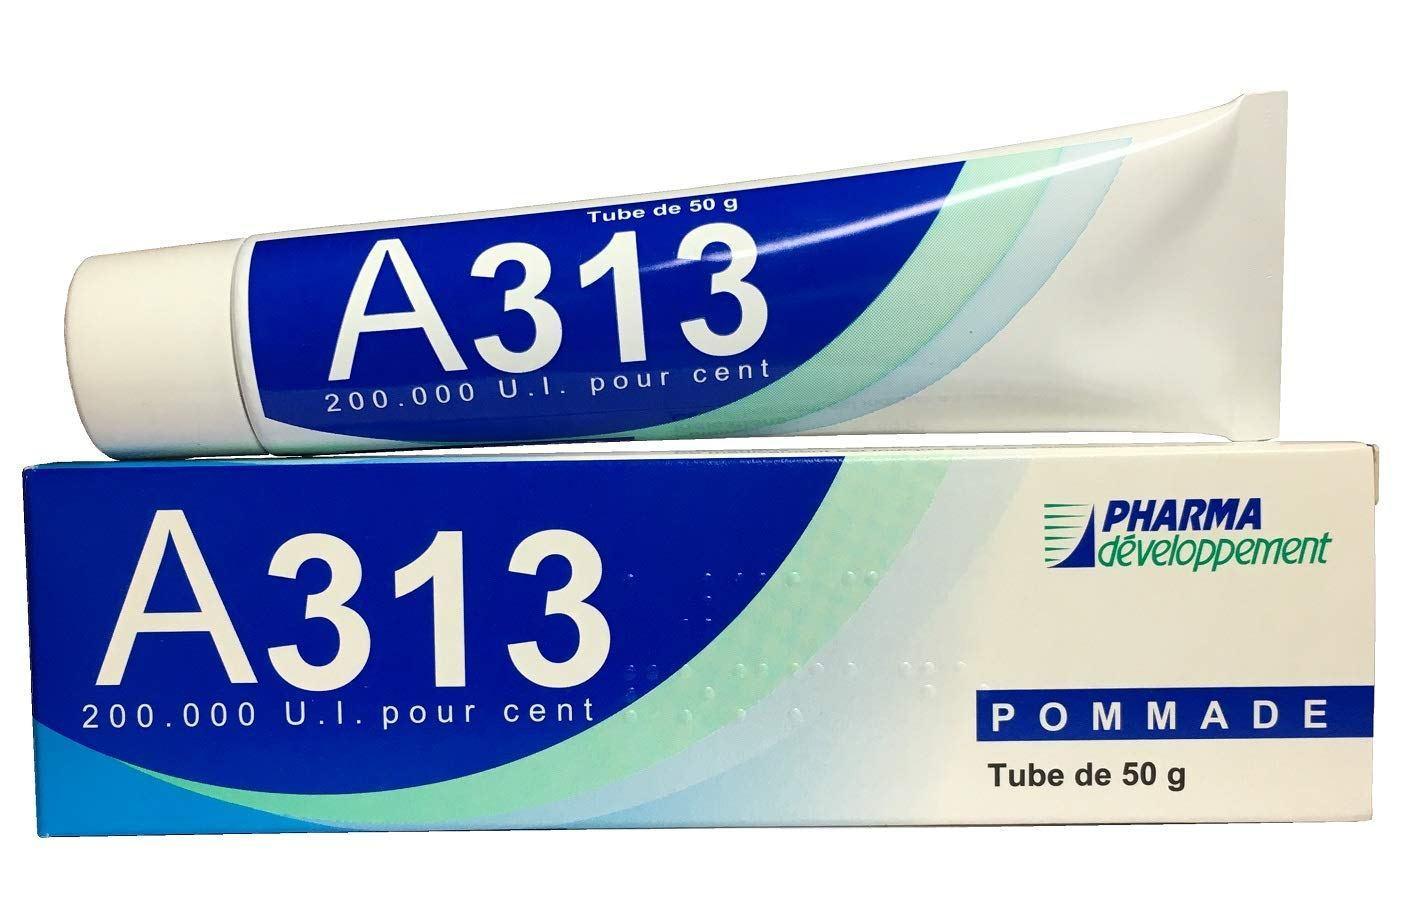 Retinol A313 Pommade có thiết kế dạng tuýp đặc trưng của các sản phẩm dược phẩm. (nguồn: Internet)